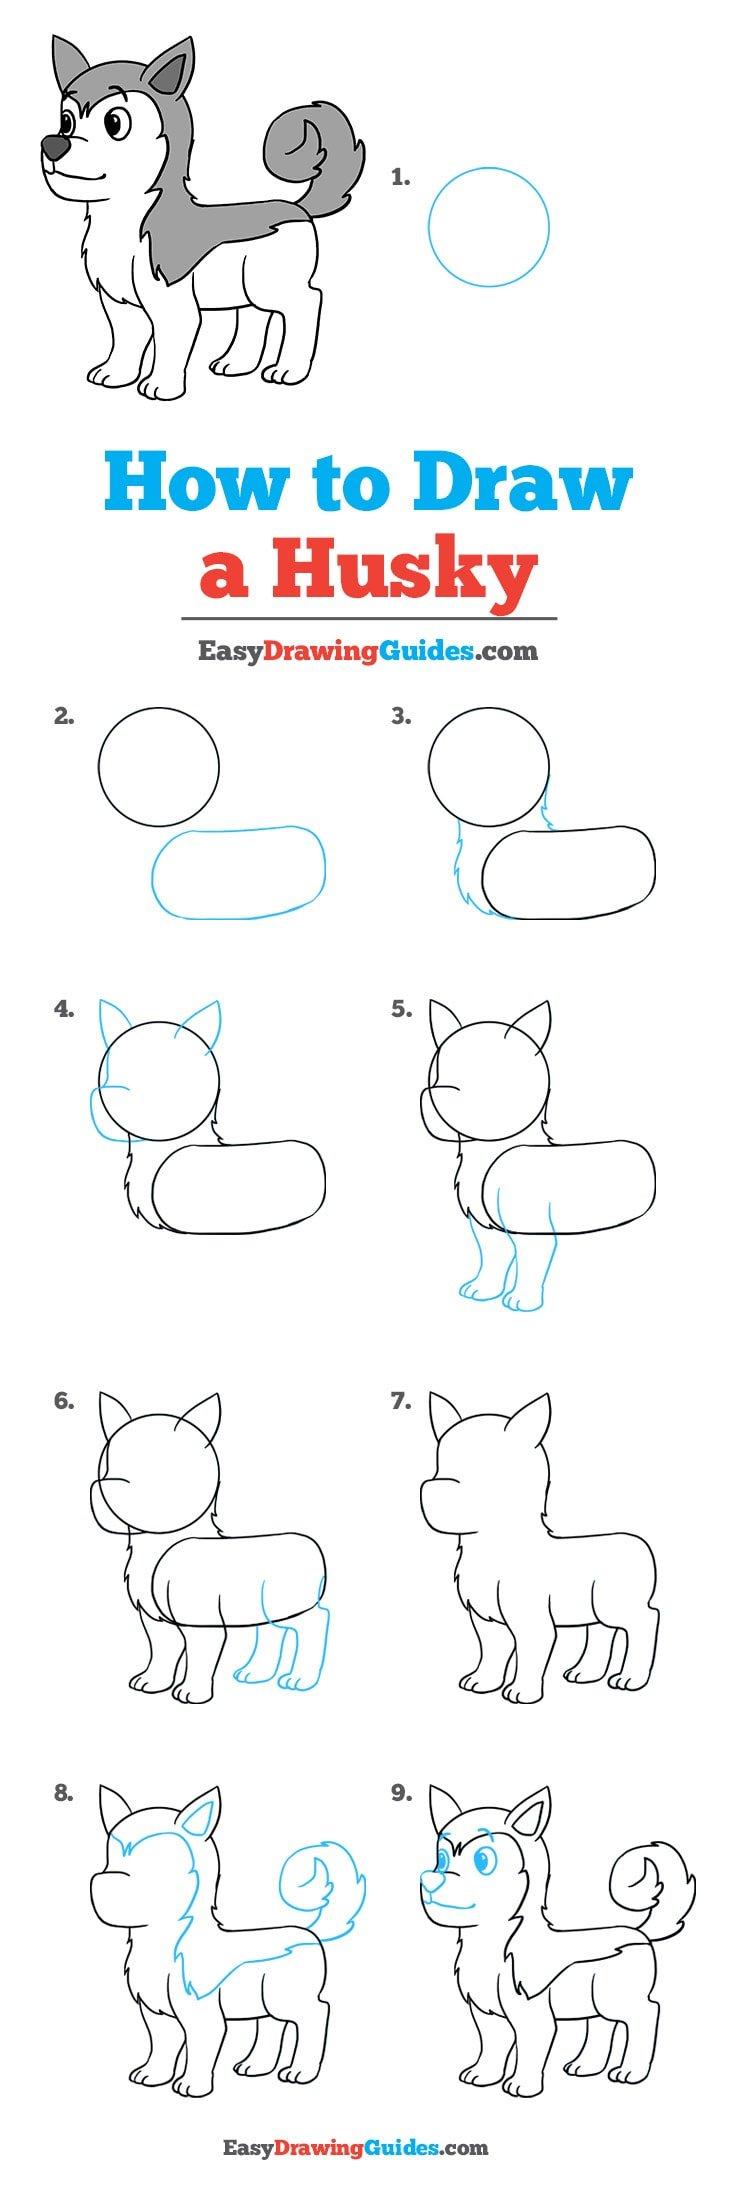 How to Draw Husky